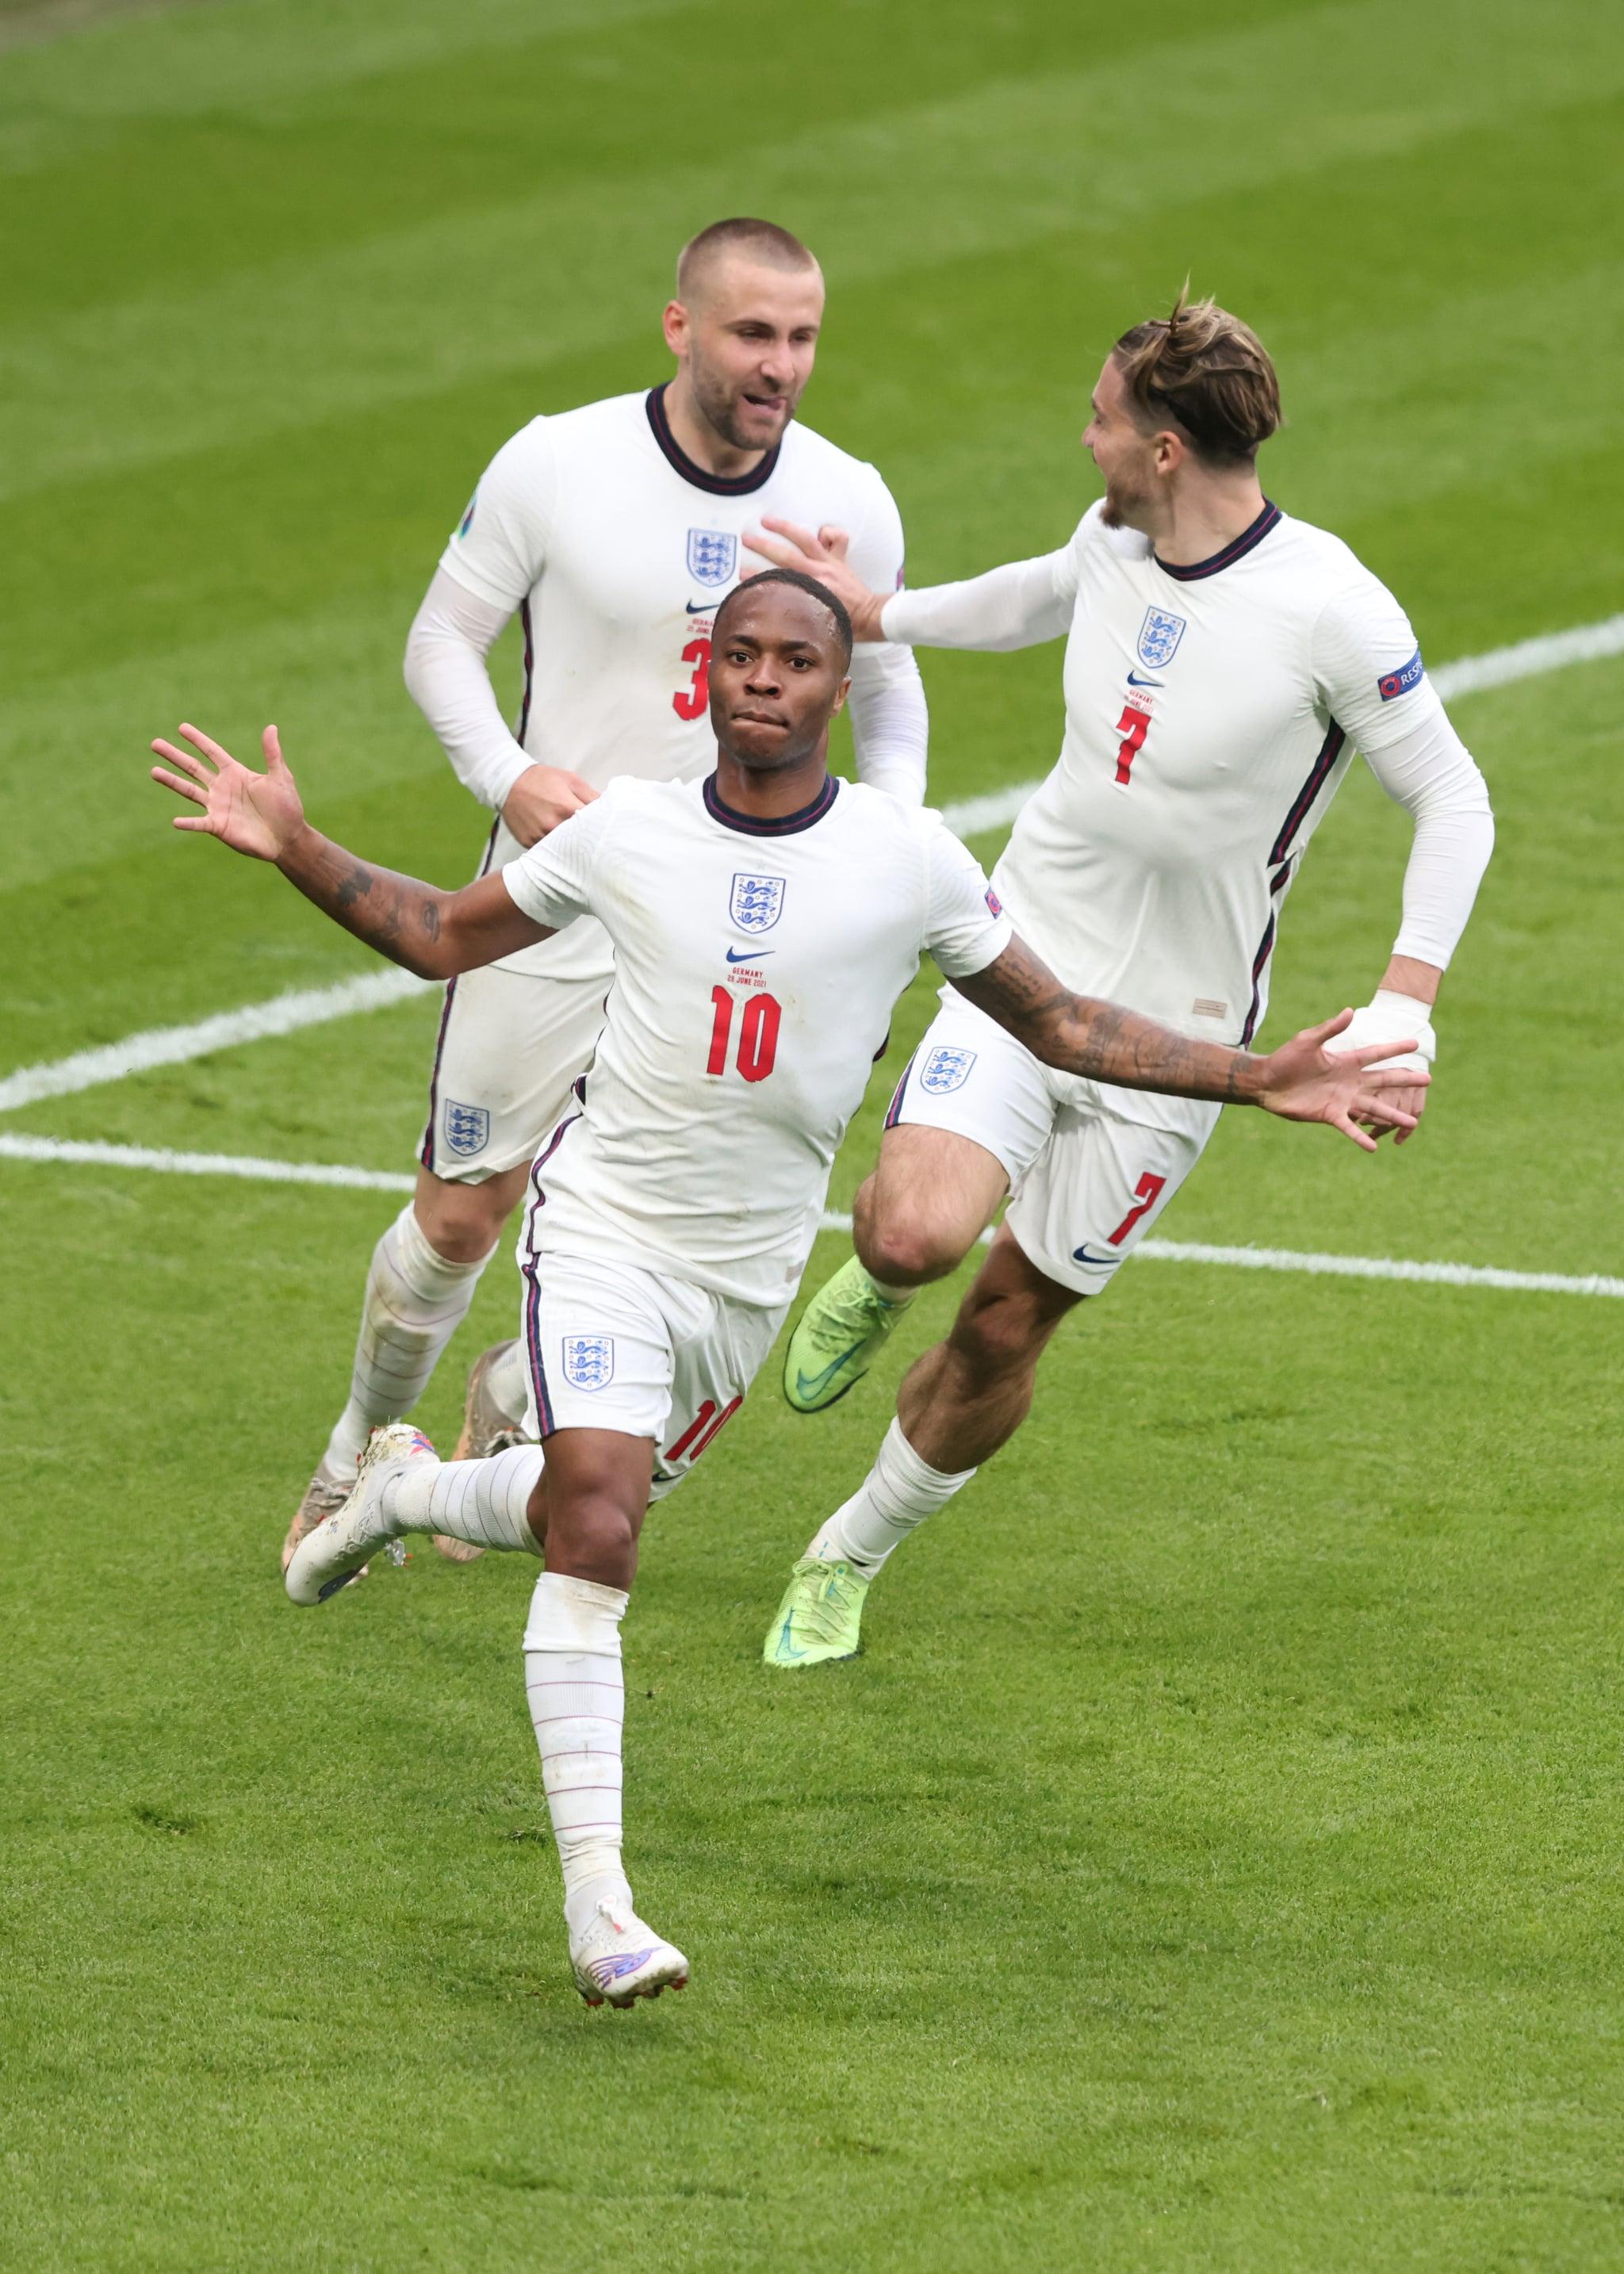 لندن ، انگلستان - 29 ژوئن: رحیم استرلینگ از انگلیس در بازی رفت مرحله یک هشتم نهایی قهرمانی یورو 2020 بین انگلیس و آلمان در ورزشگاه ومبلی در 29 ژوئن 2021 در لندن ، انگلستان ، دروازه آغازین را با جک گریلیش و لوک شاو جشن می گیرد.  (عکس از مارک اتکینز / گتی ایماژ)